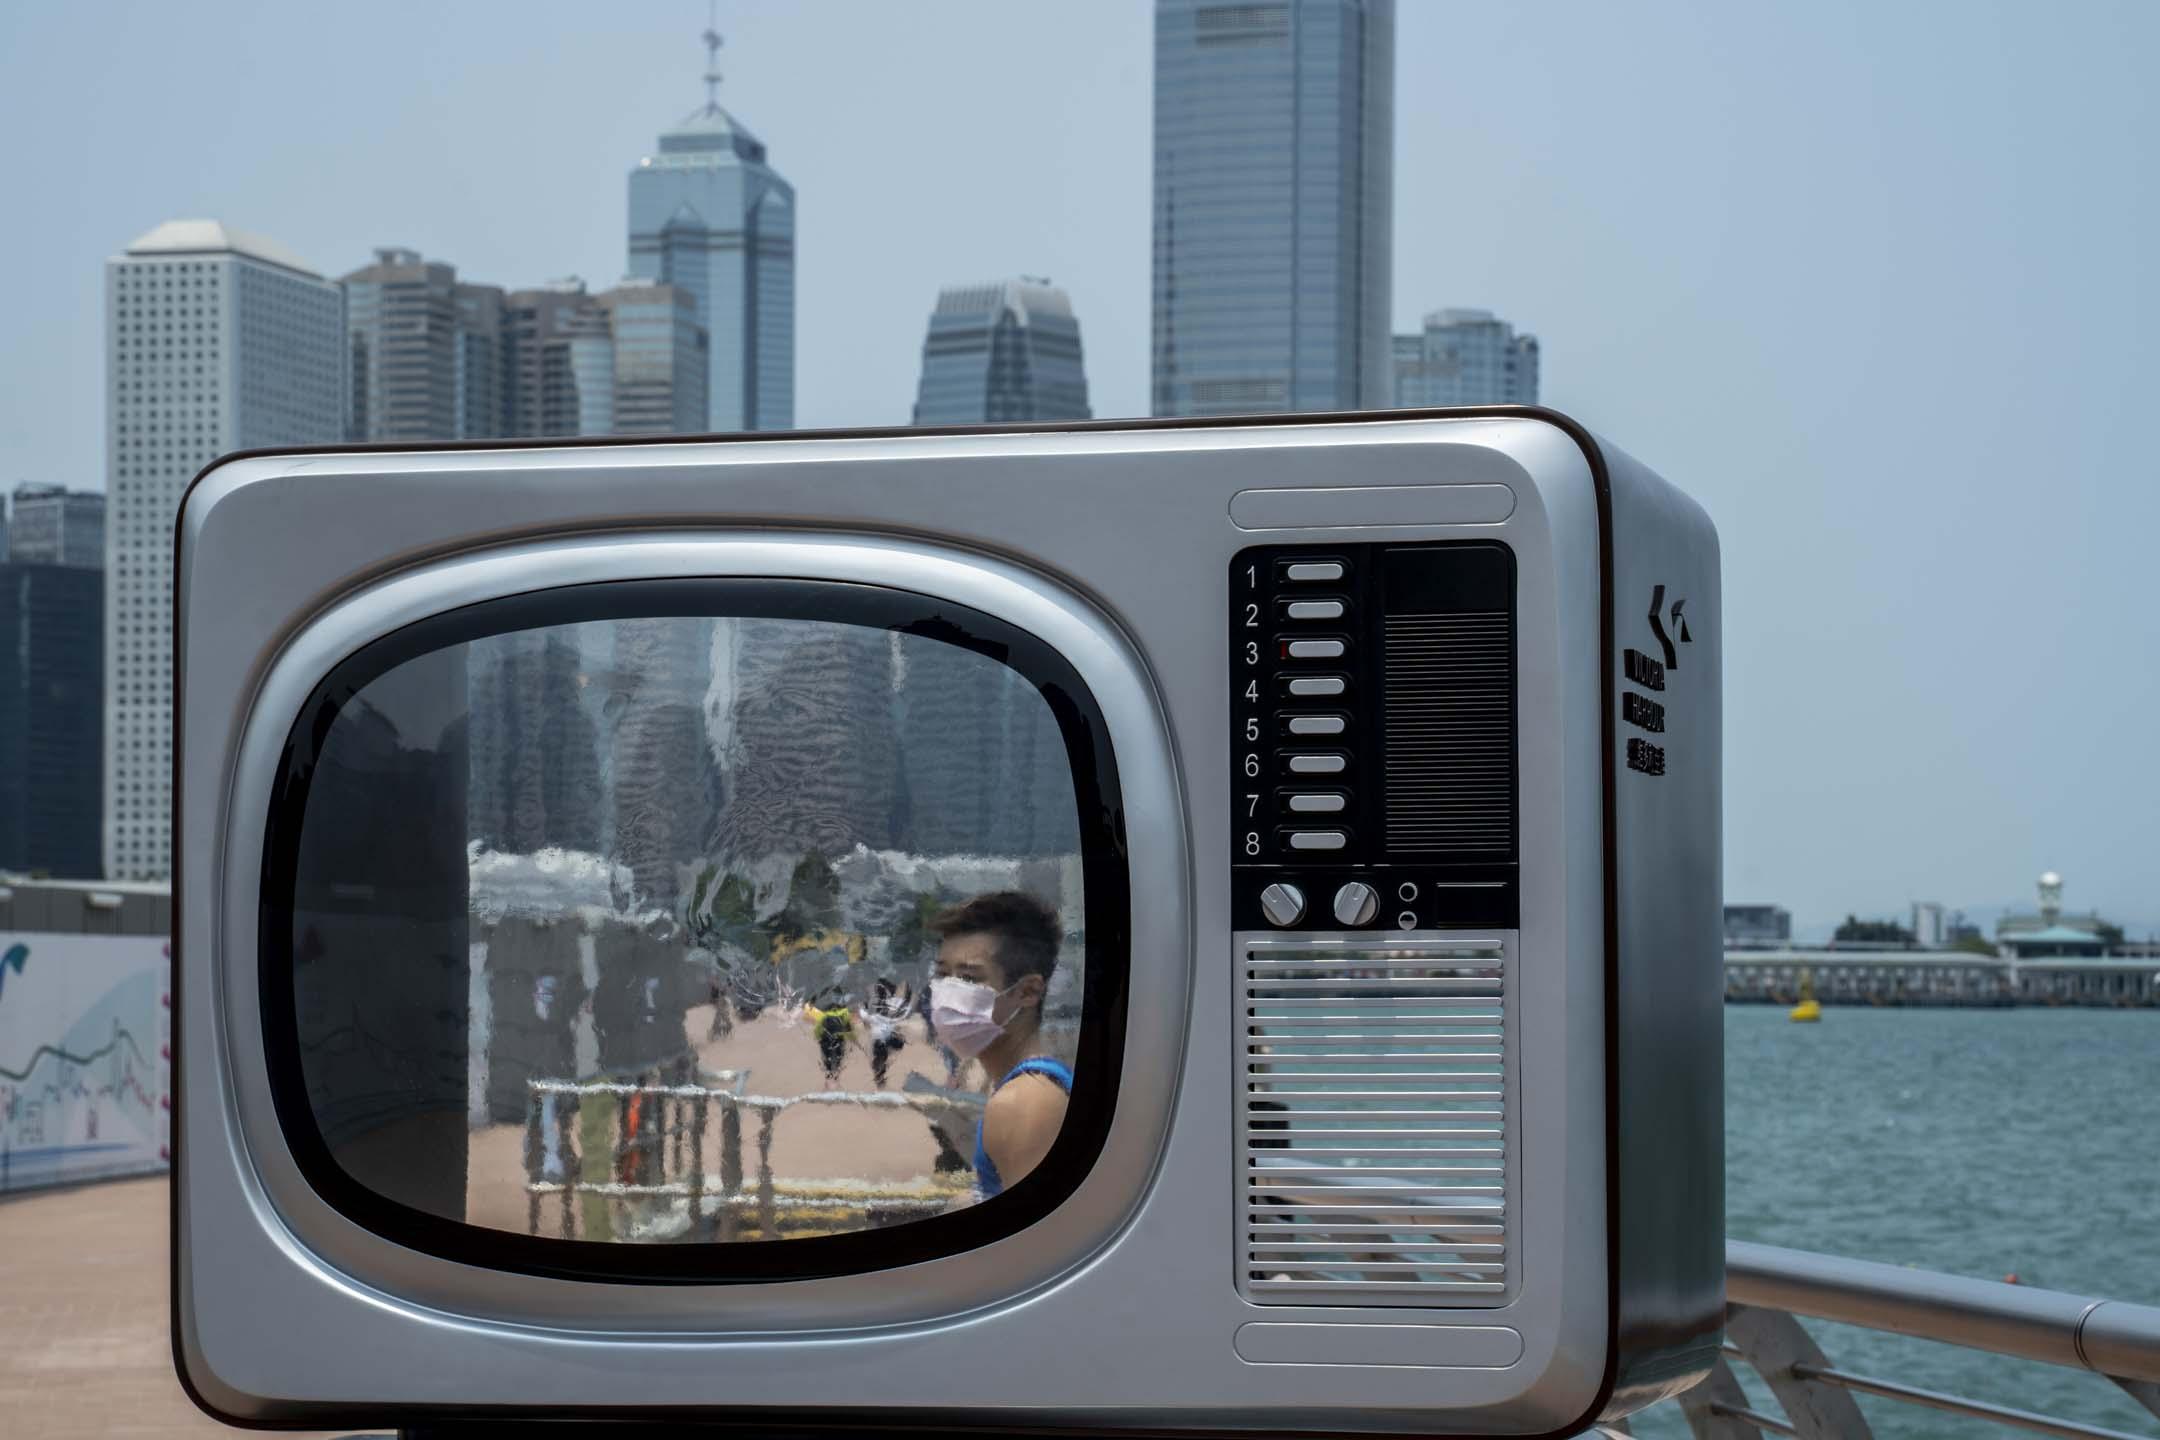 2020年4月10日,香港維港旁的一部電視模型。 攝:林振東/端傳媒